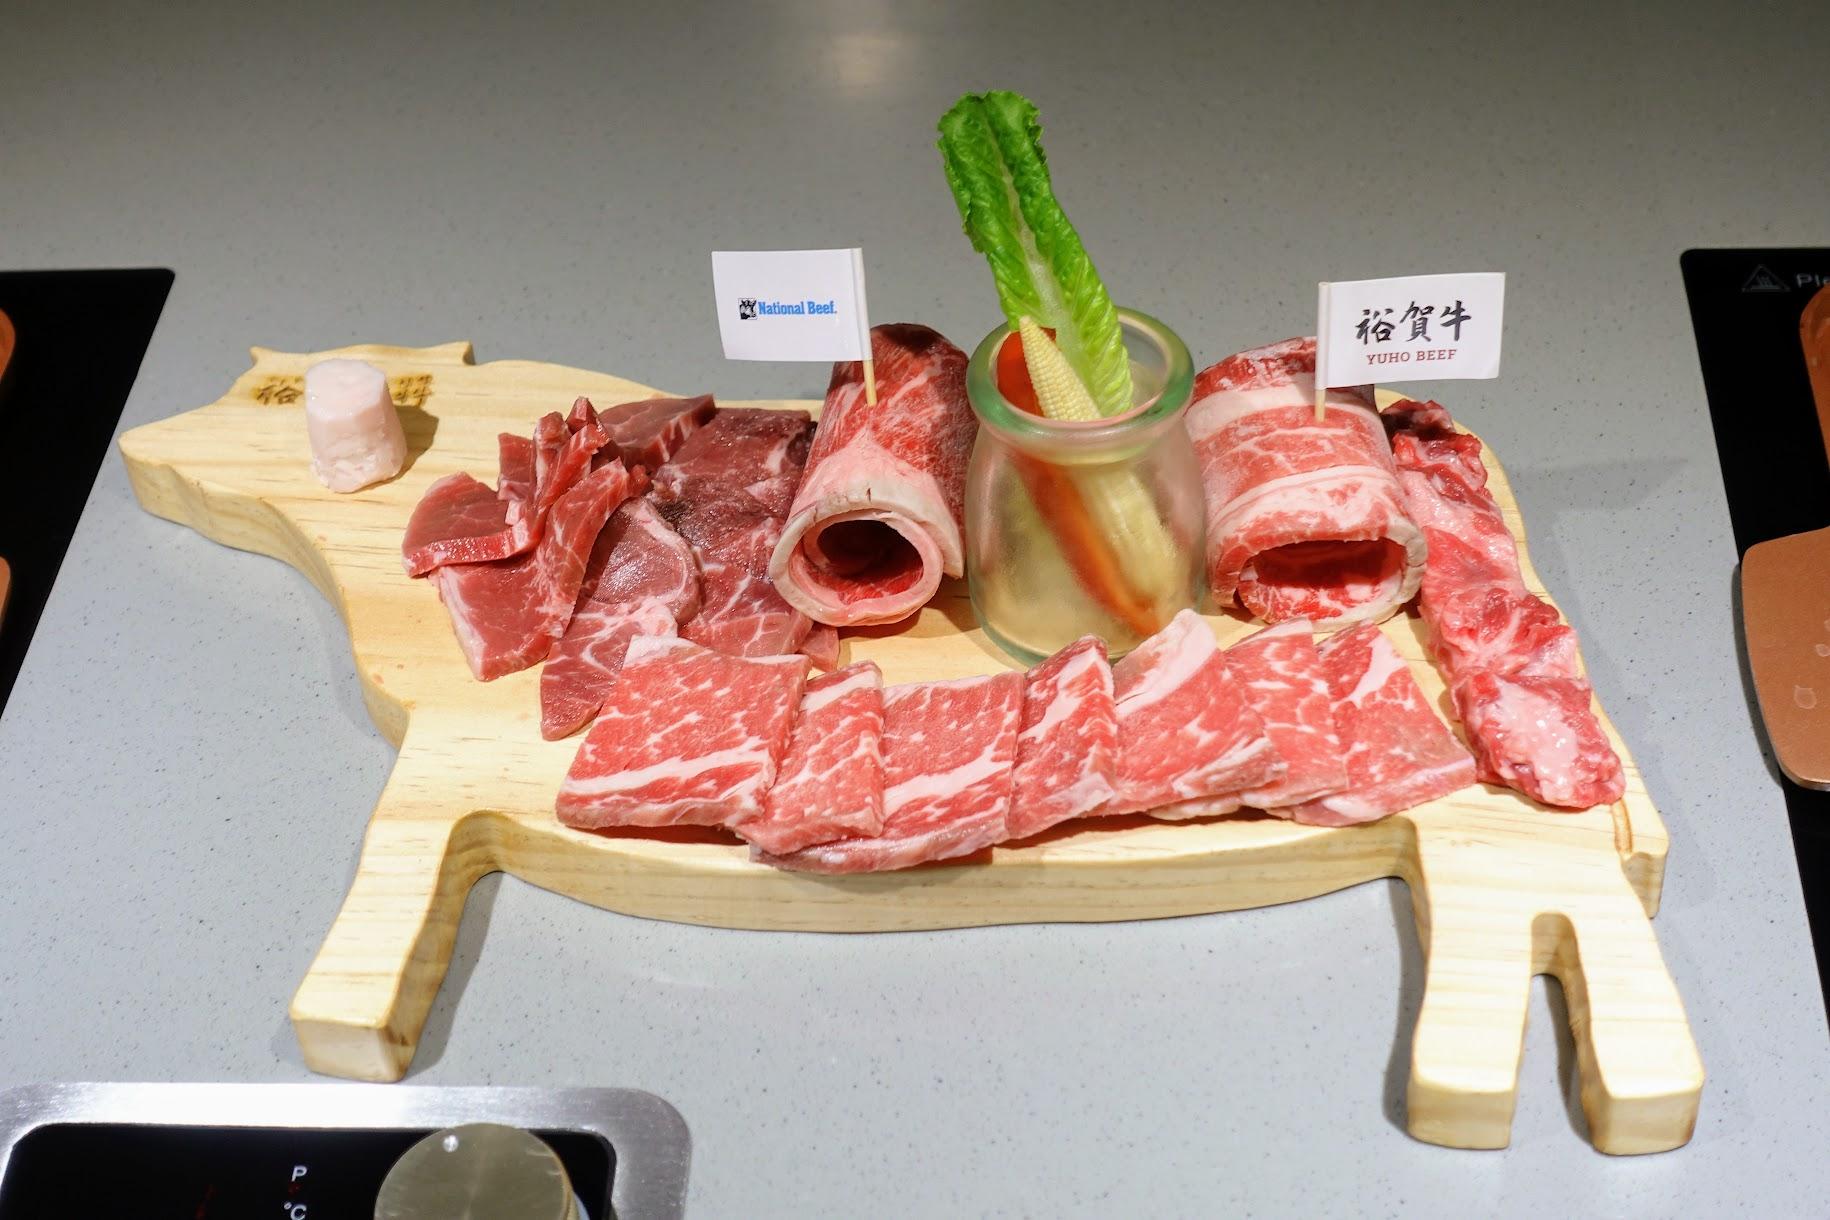 先切的燒烤一頭牛,是說備餐時間比較久一點,像我們這一盤快吃完同事點的才送上